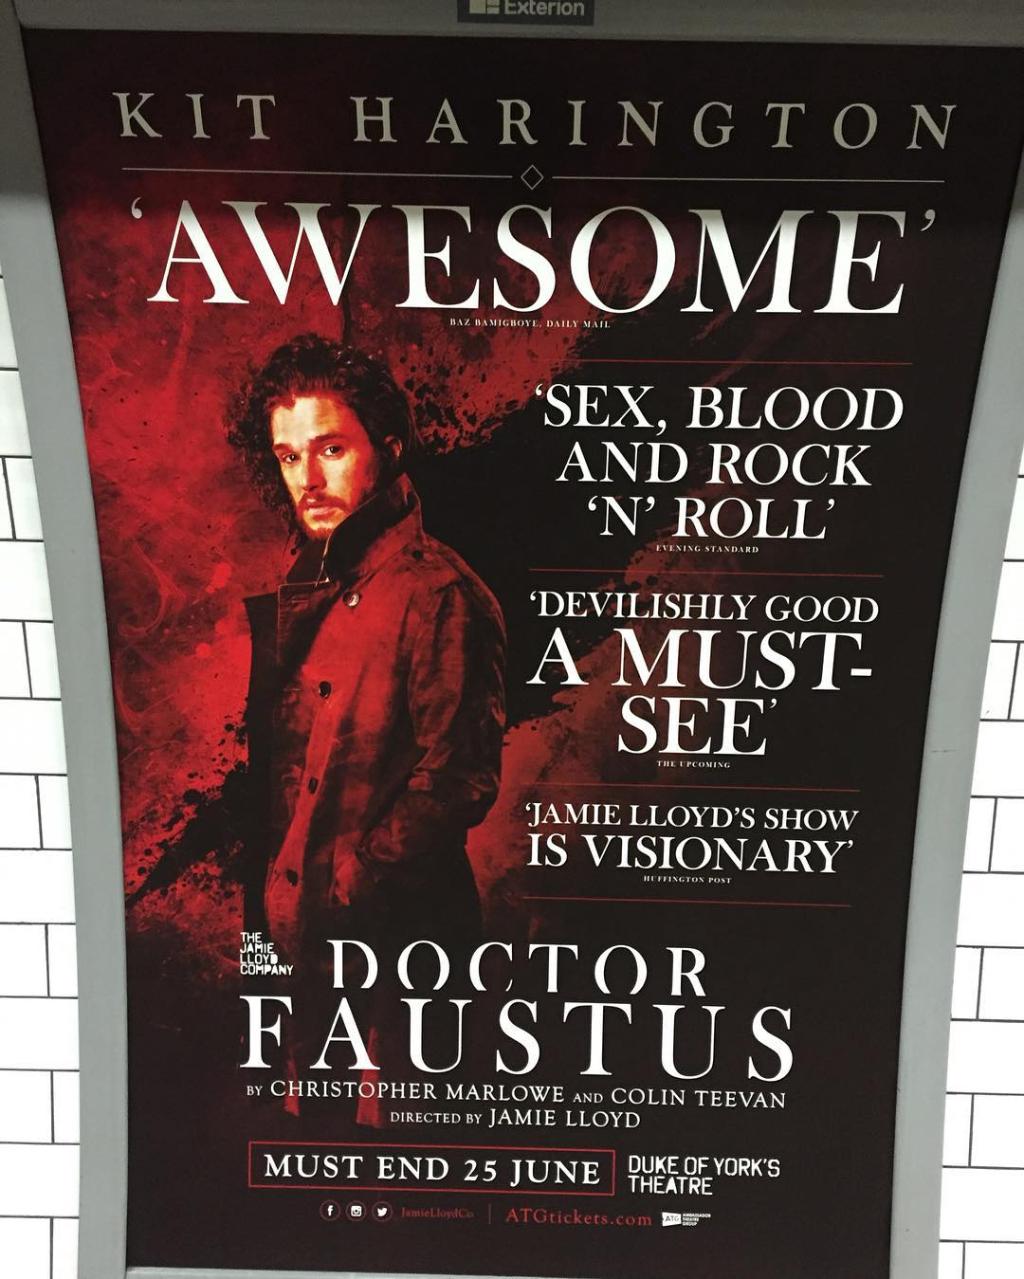 TUC - Doctor Faustus 13258945_134731713599357_599648093_n